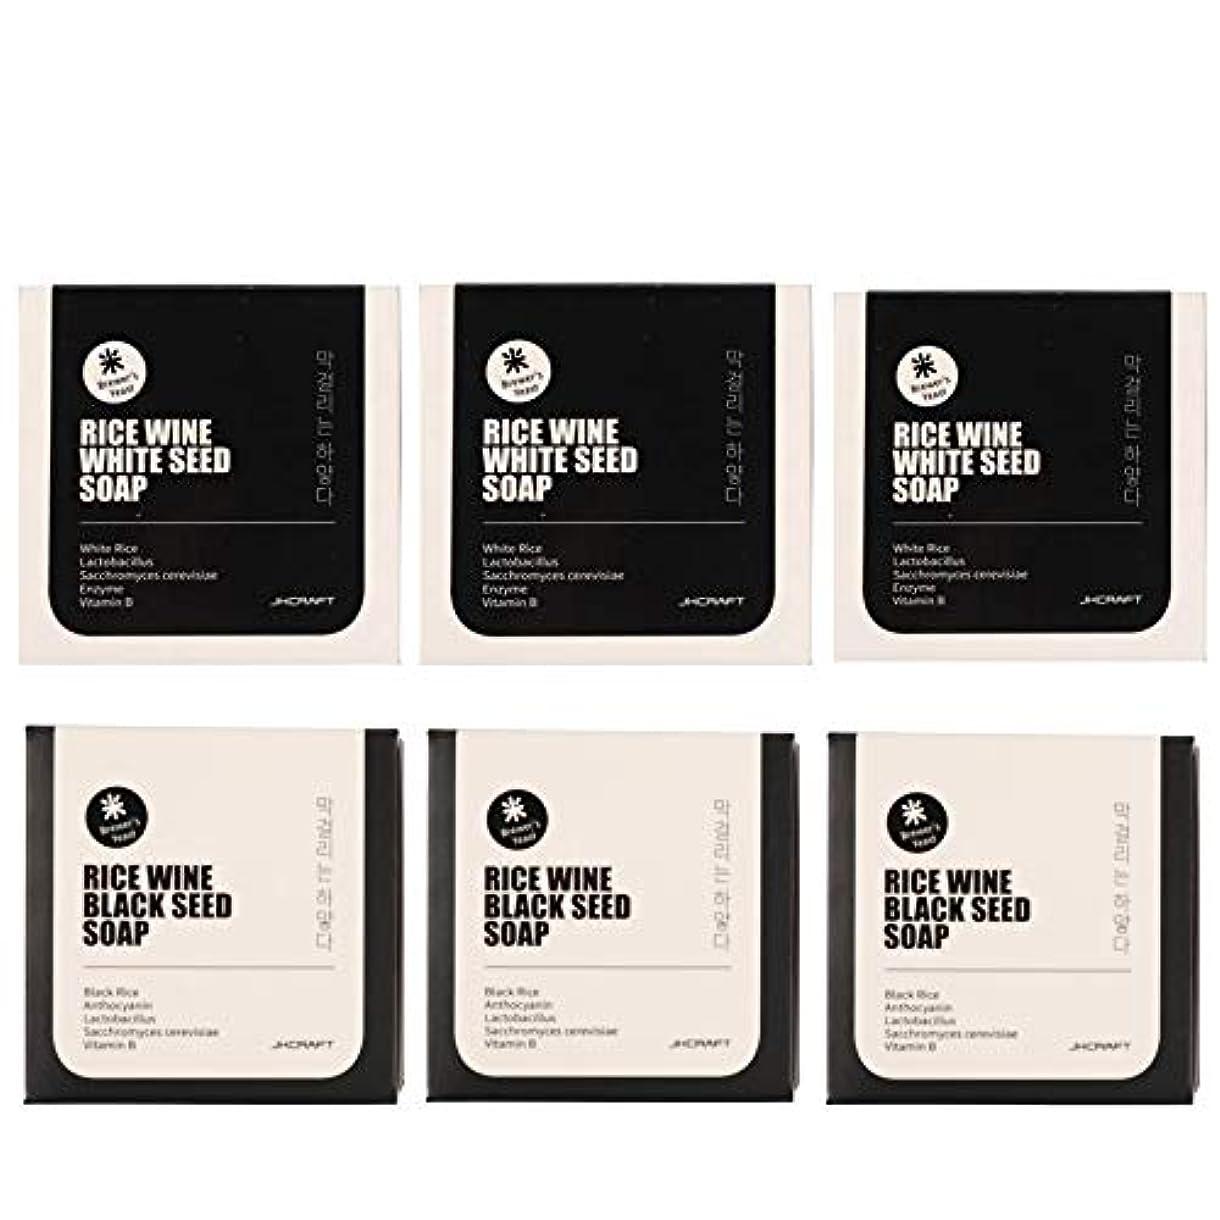 後方に雄弁大統領JKCRAFT RICEWINE WHITE&BLACK SEED SOAP マッコリ酵母石鹸 & 黒米マッコリ酵母石鹸無添加,無刺激,天然洗顔石鹸 6pcs [並行輸入品]